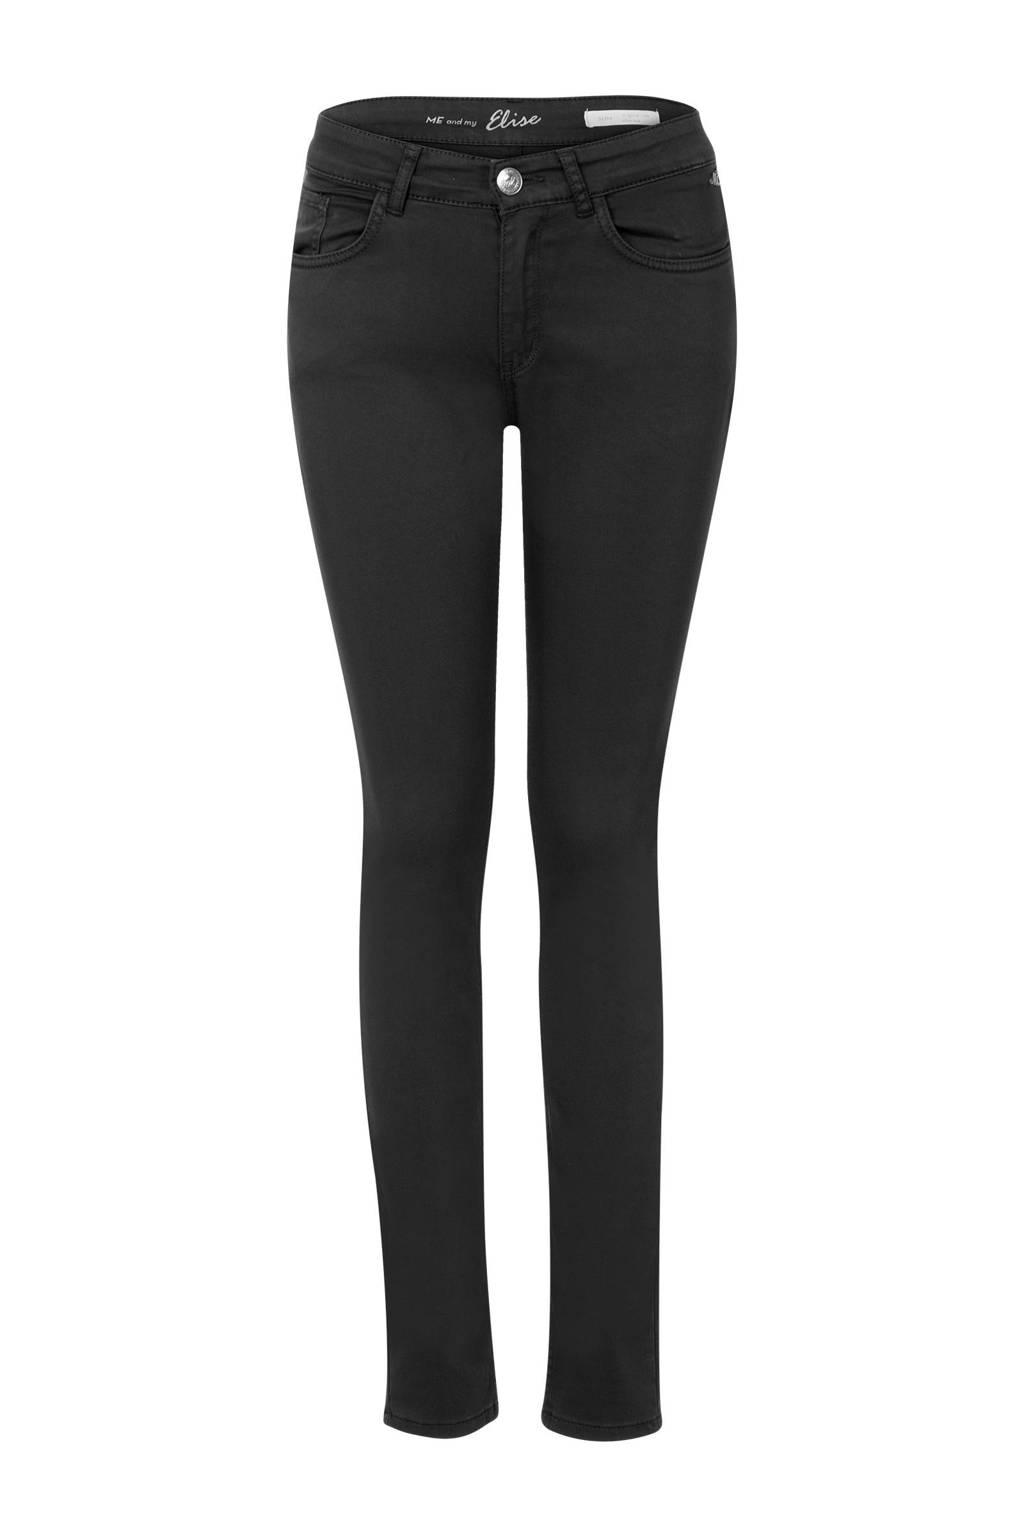 Miss Etam Lang slim fit jeans zwart, Zwart